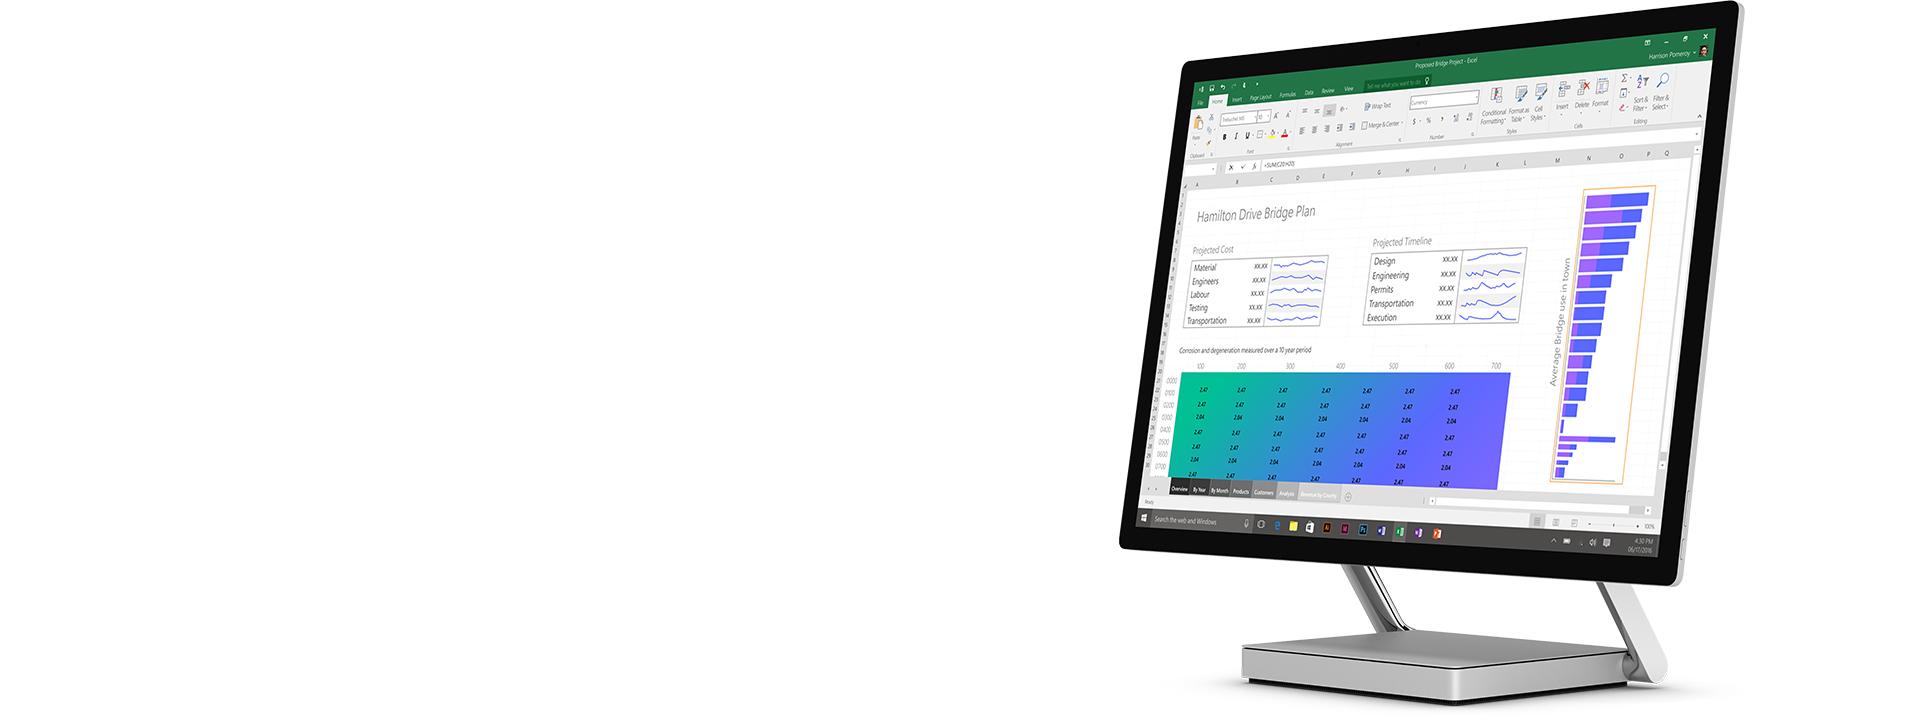 Excel のスプレッドシートを画面に表示した、デスクトップ モードの Surface Studio.